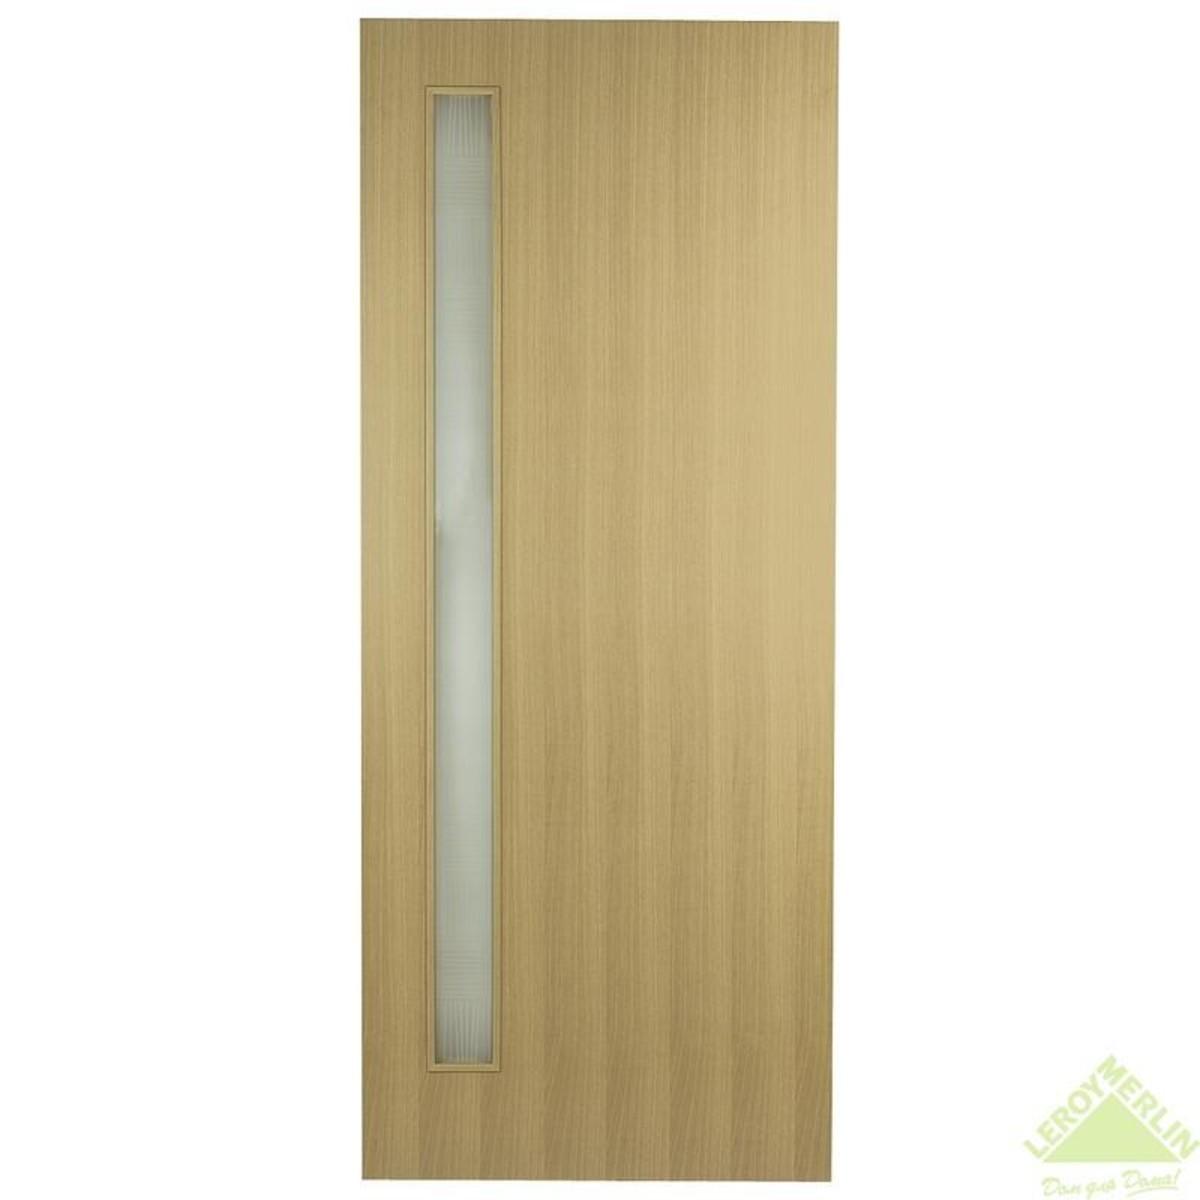 Дверь межкомнатная остеклённая Vario 601 MR 900x2000 мм орех нуга